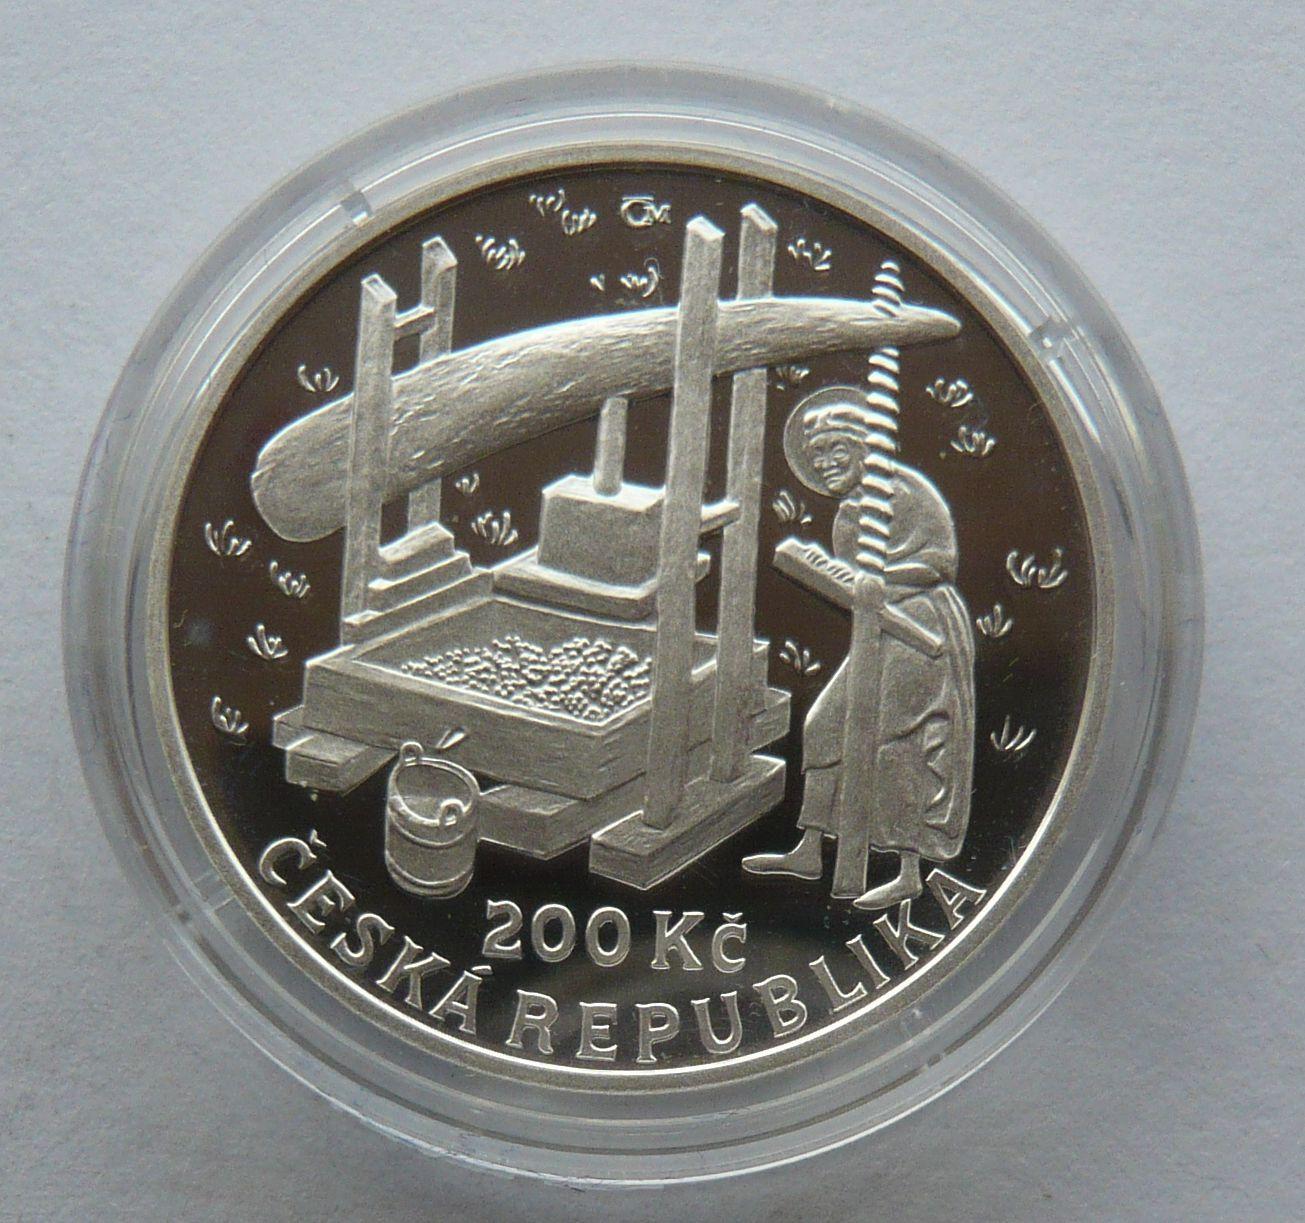 200 Kč(2008-vinice), stav PROOF, etue a certifikát